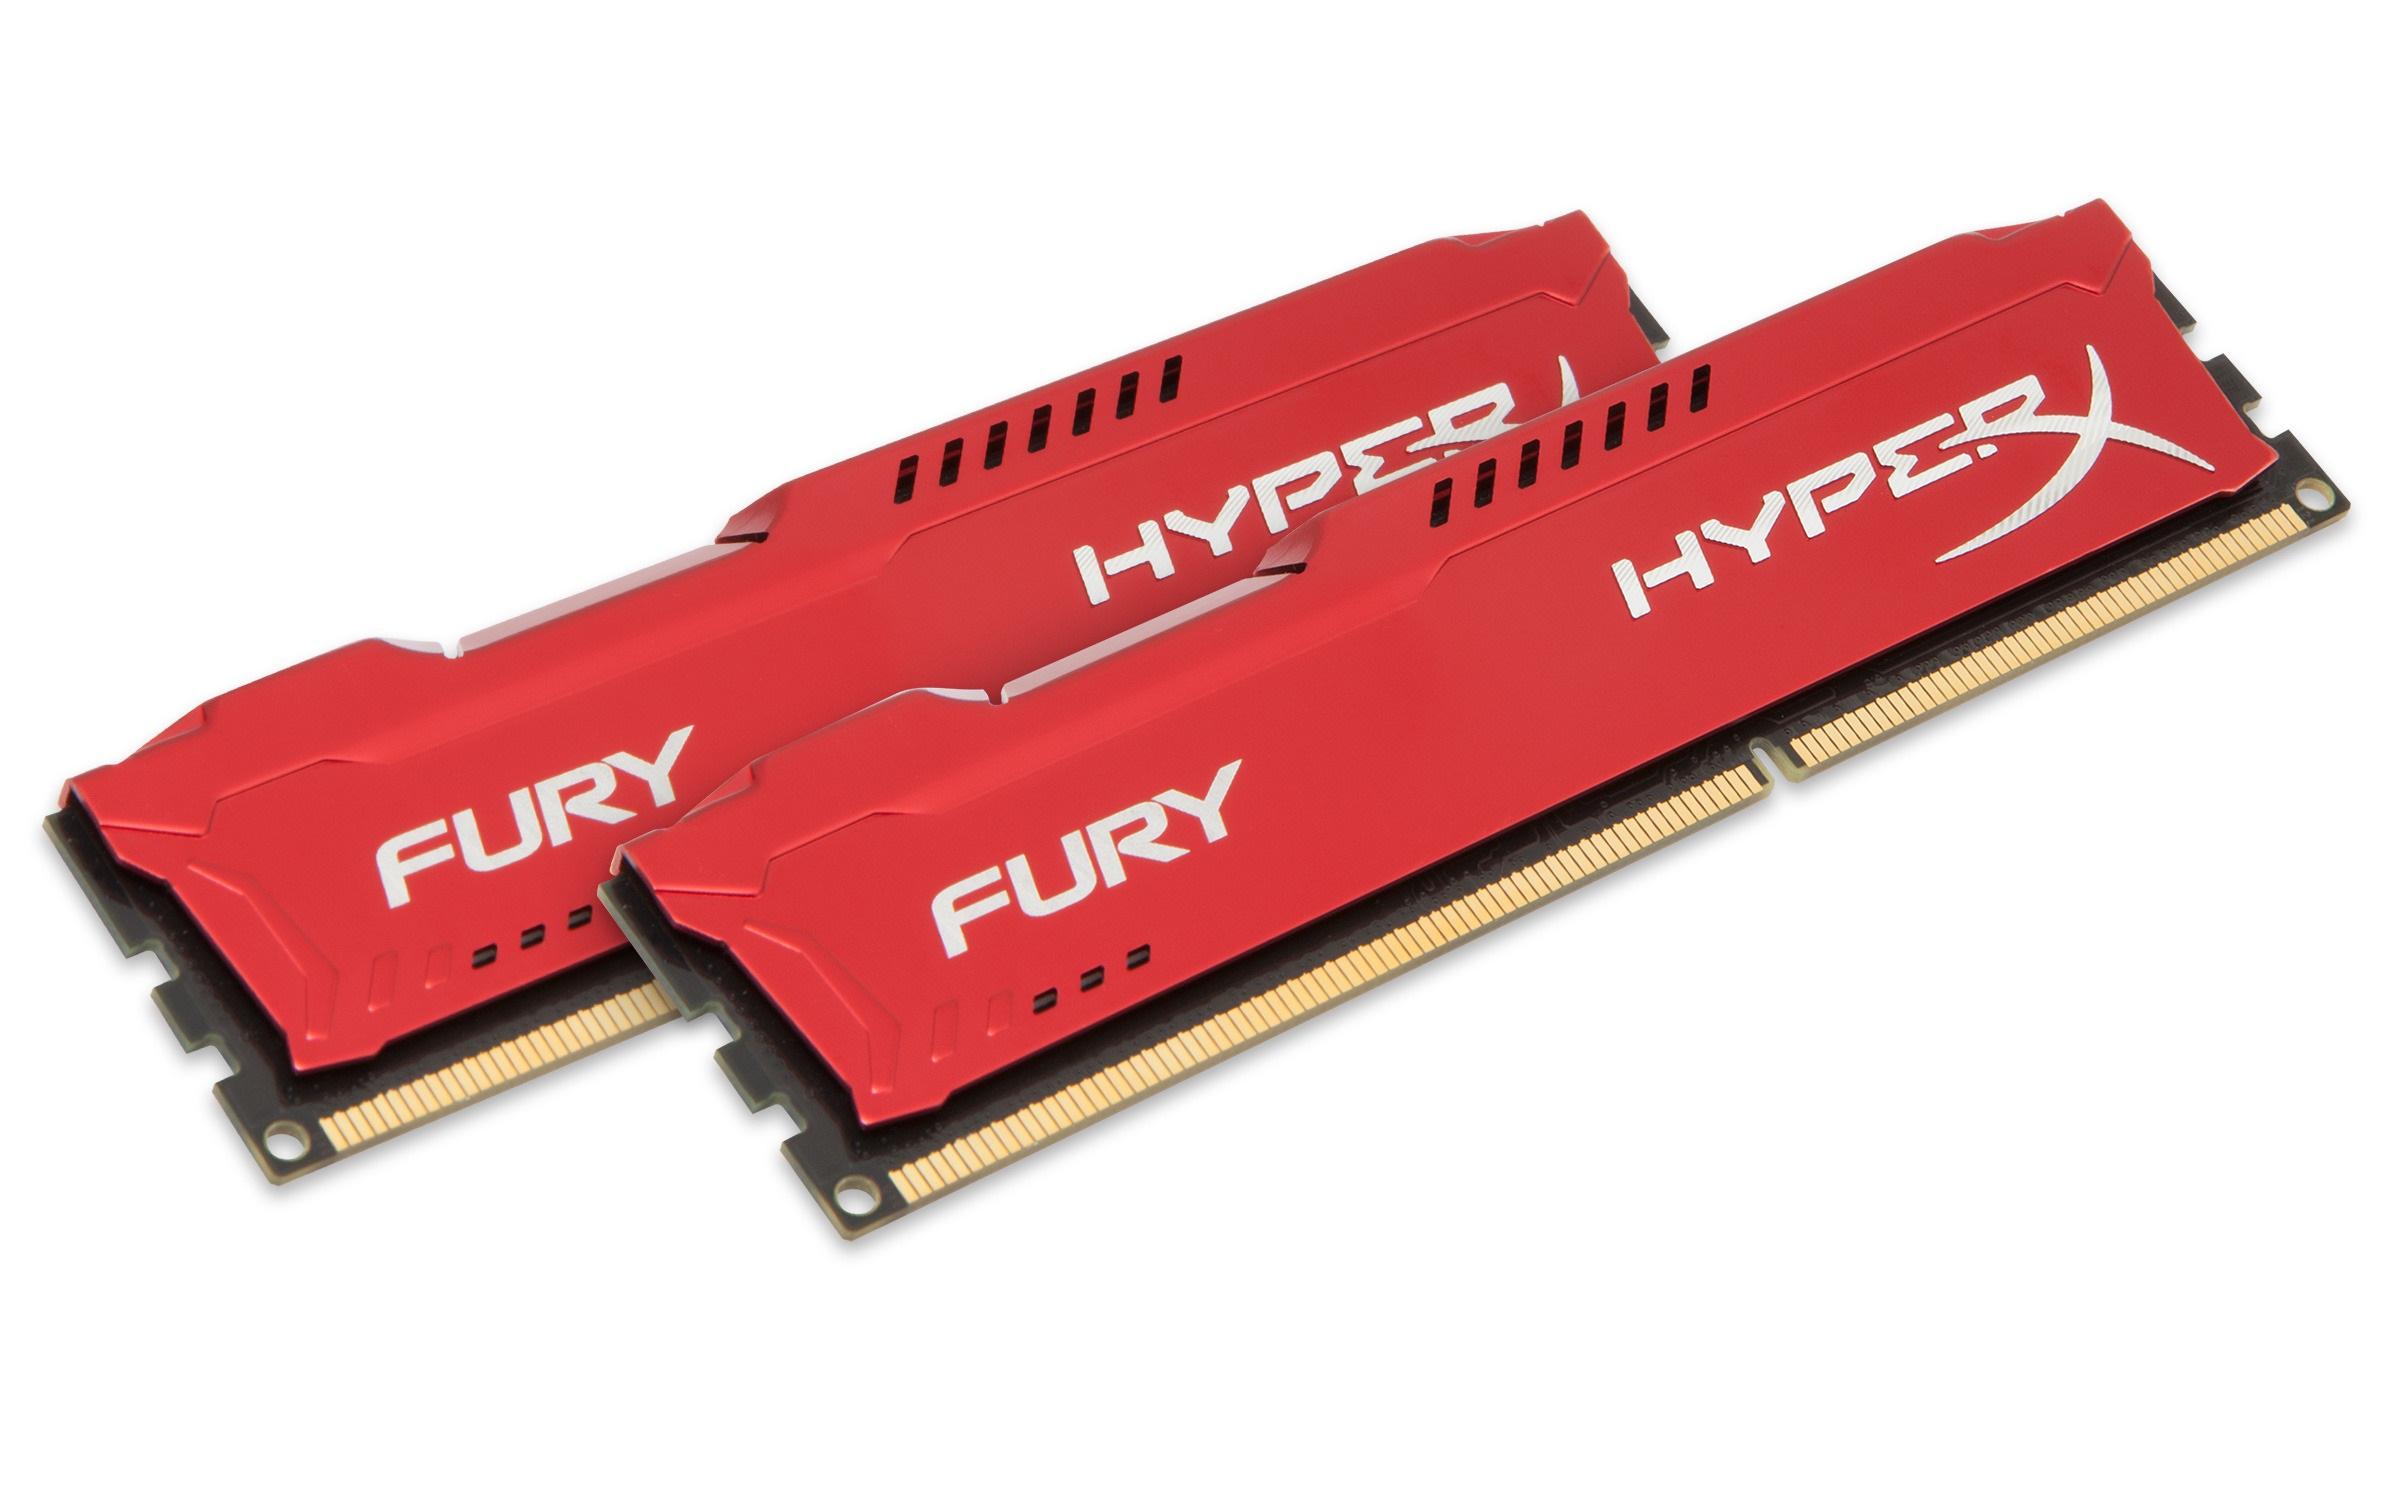 8GB DDR3-1866MHz Kingston HyperX Fury Red, 2x4GB